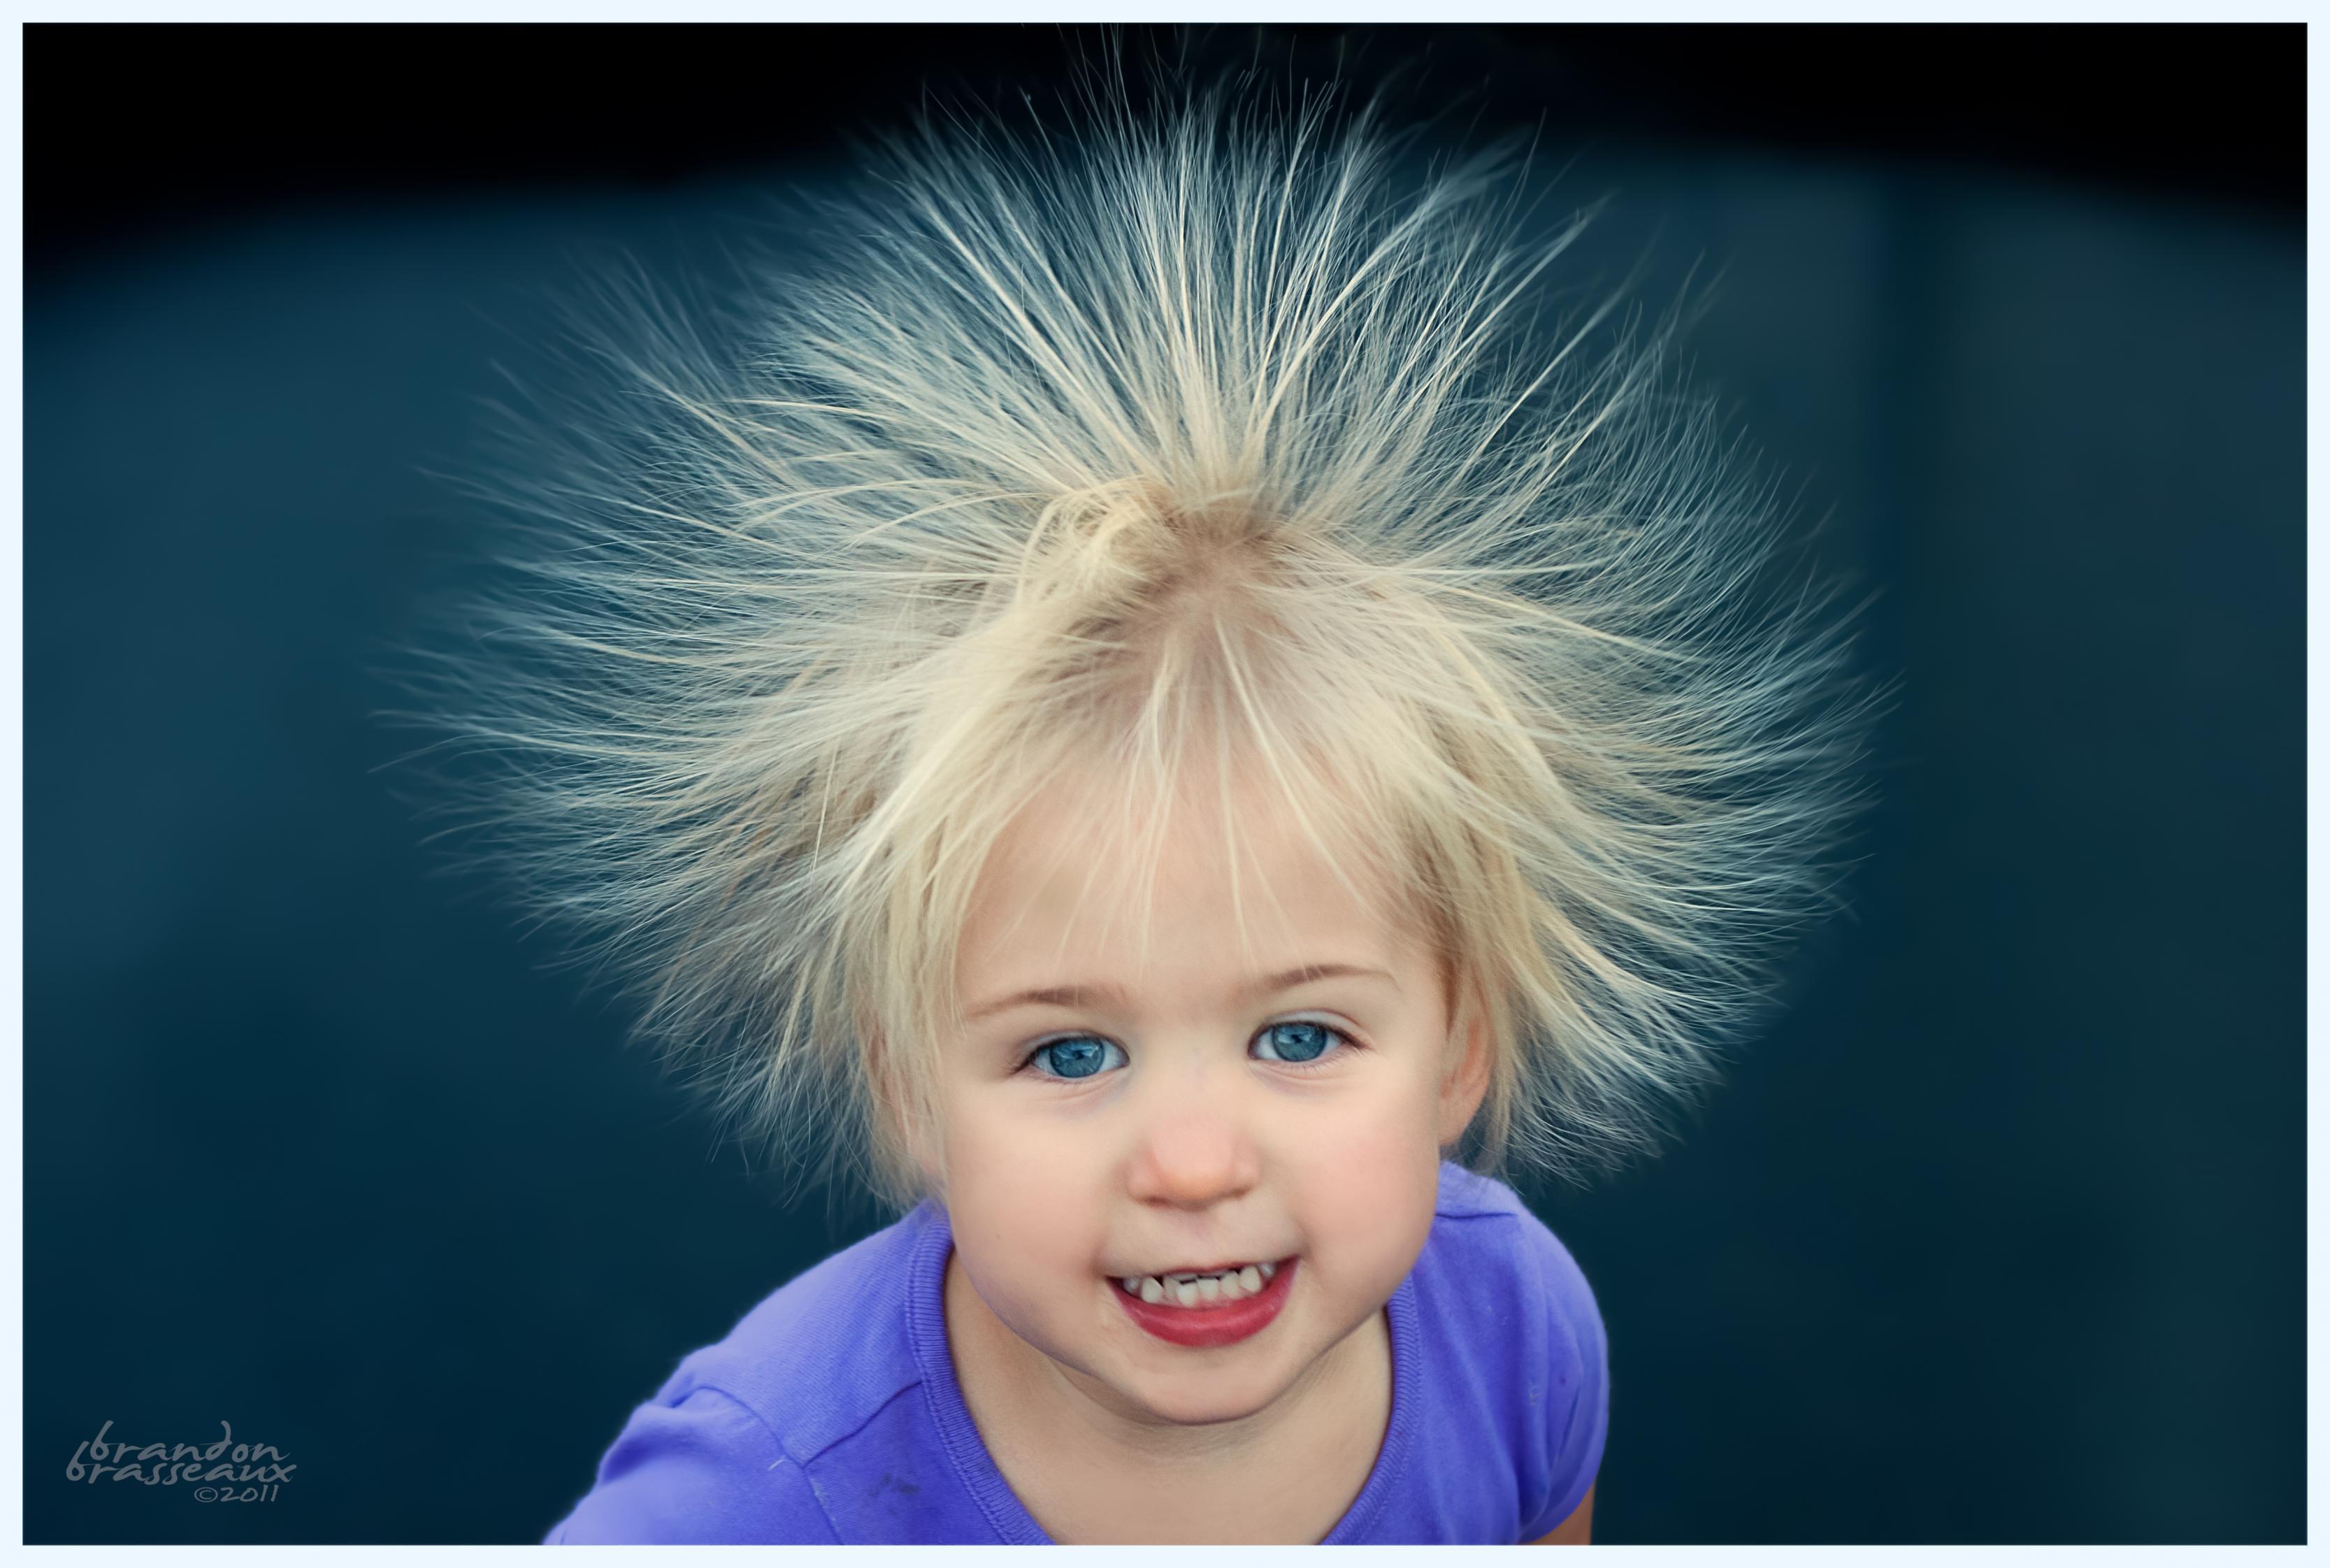 بالصور صور اطفال صغار , اجمل صورة شقية وجميلة لوجة طفل صغير 1160 4